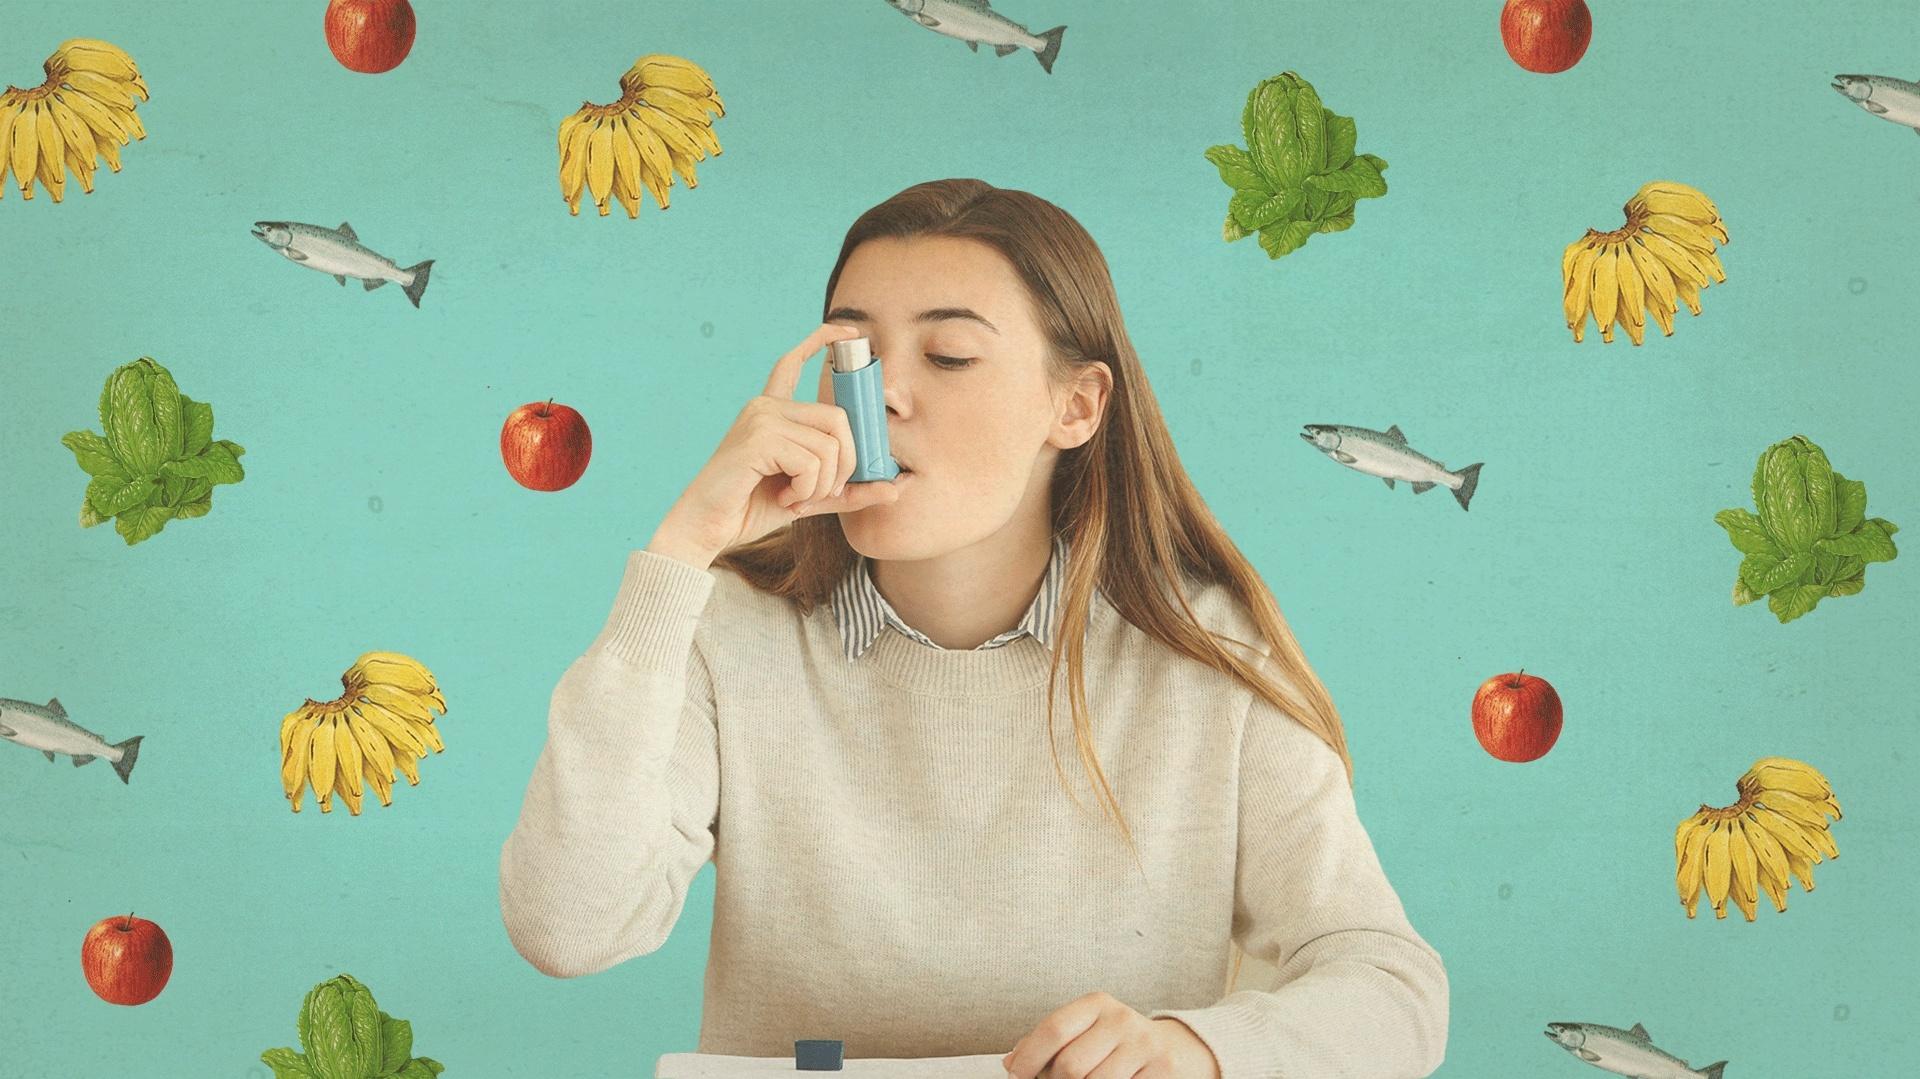 Tem asma? Veja 7 alimentos que ajudam a aliviar os sintomas - 15 ...